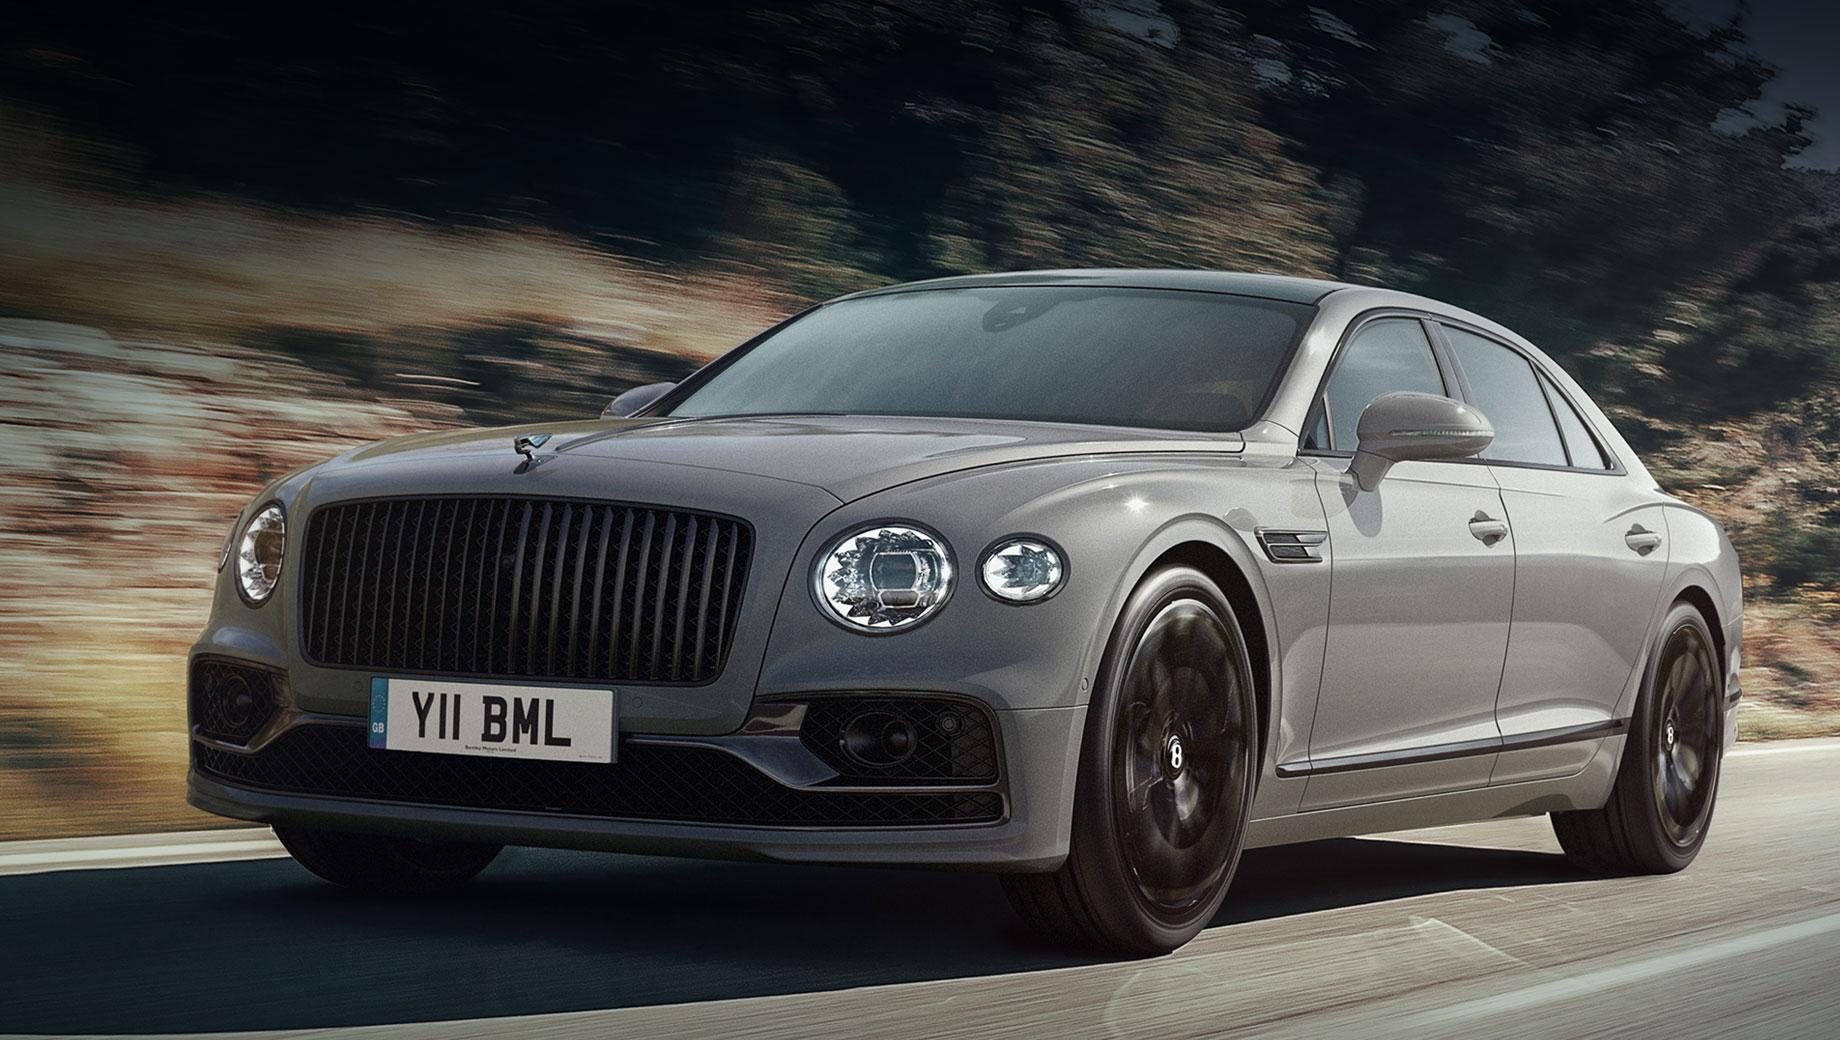 Нынешний Bentley Flying Spur дебютировал всего два года назад (см. видео), но производитель уже нашёл, что улучшить.